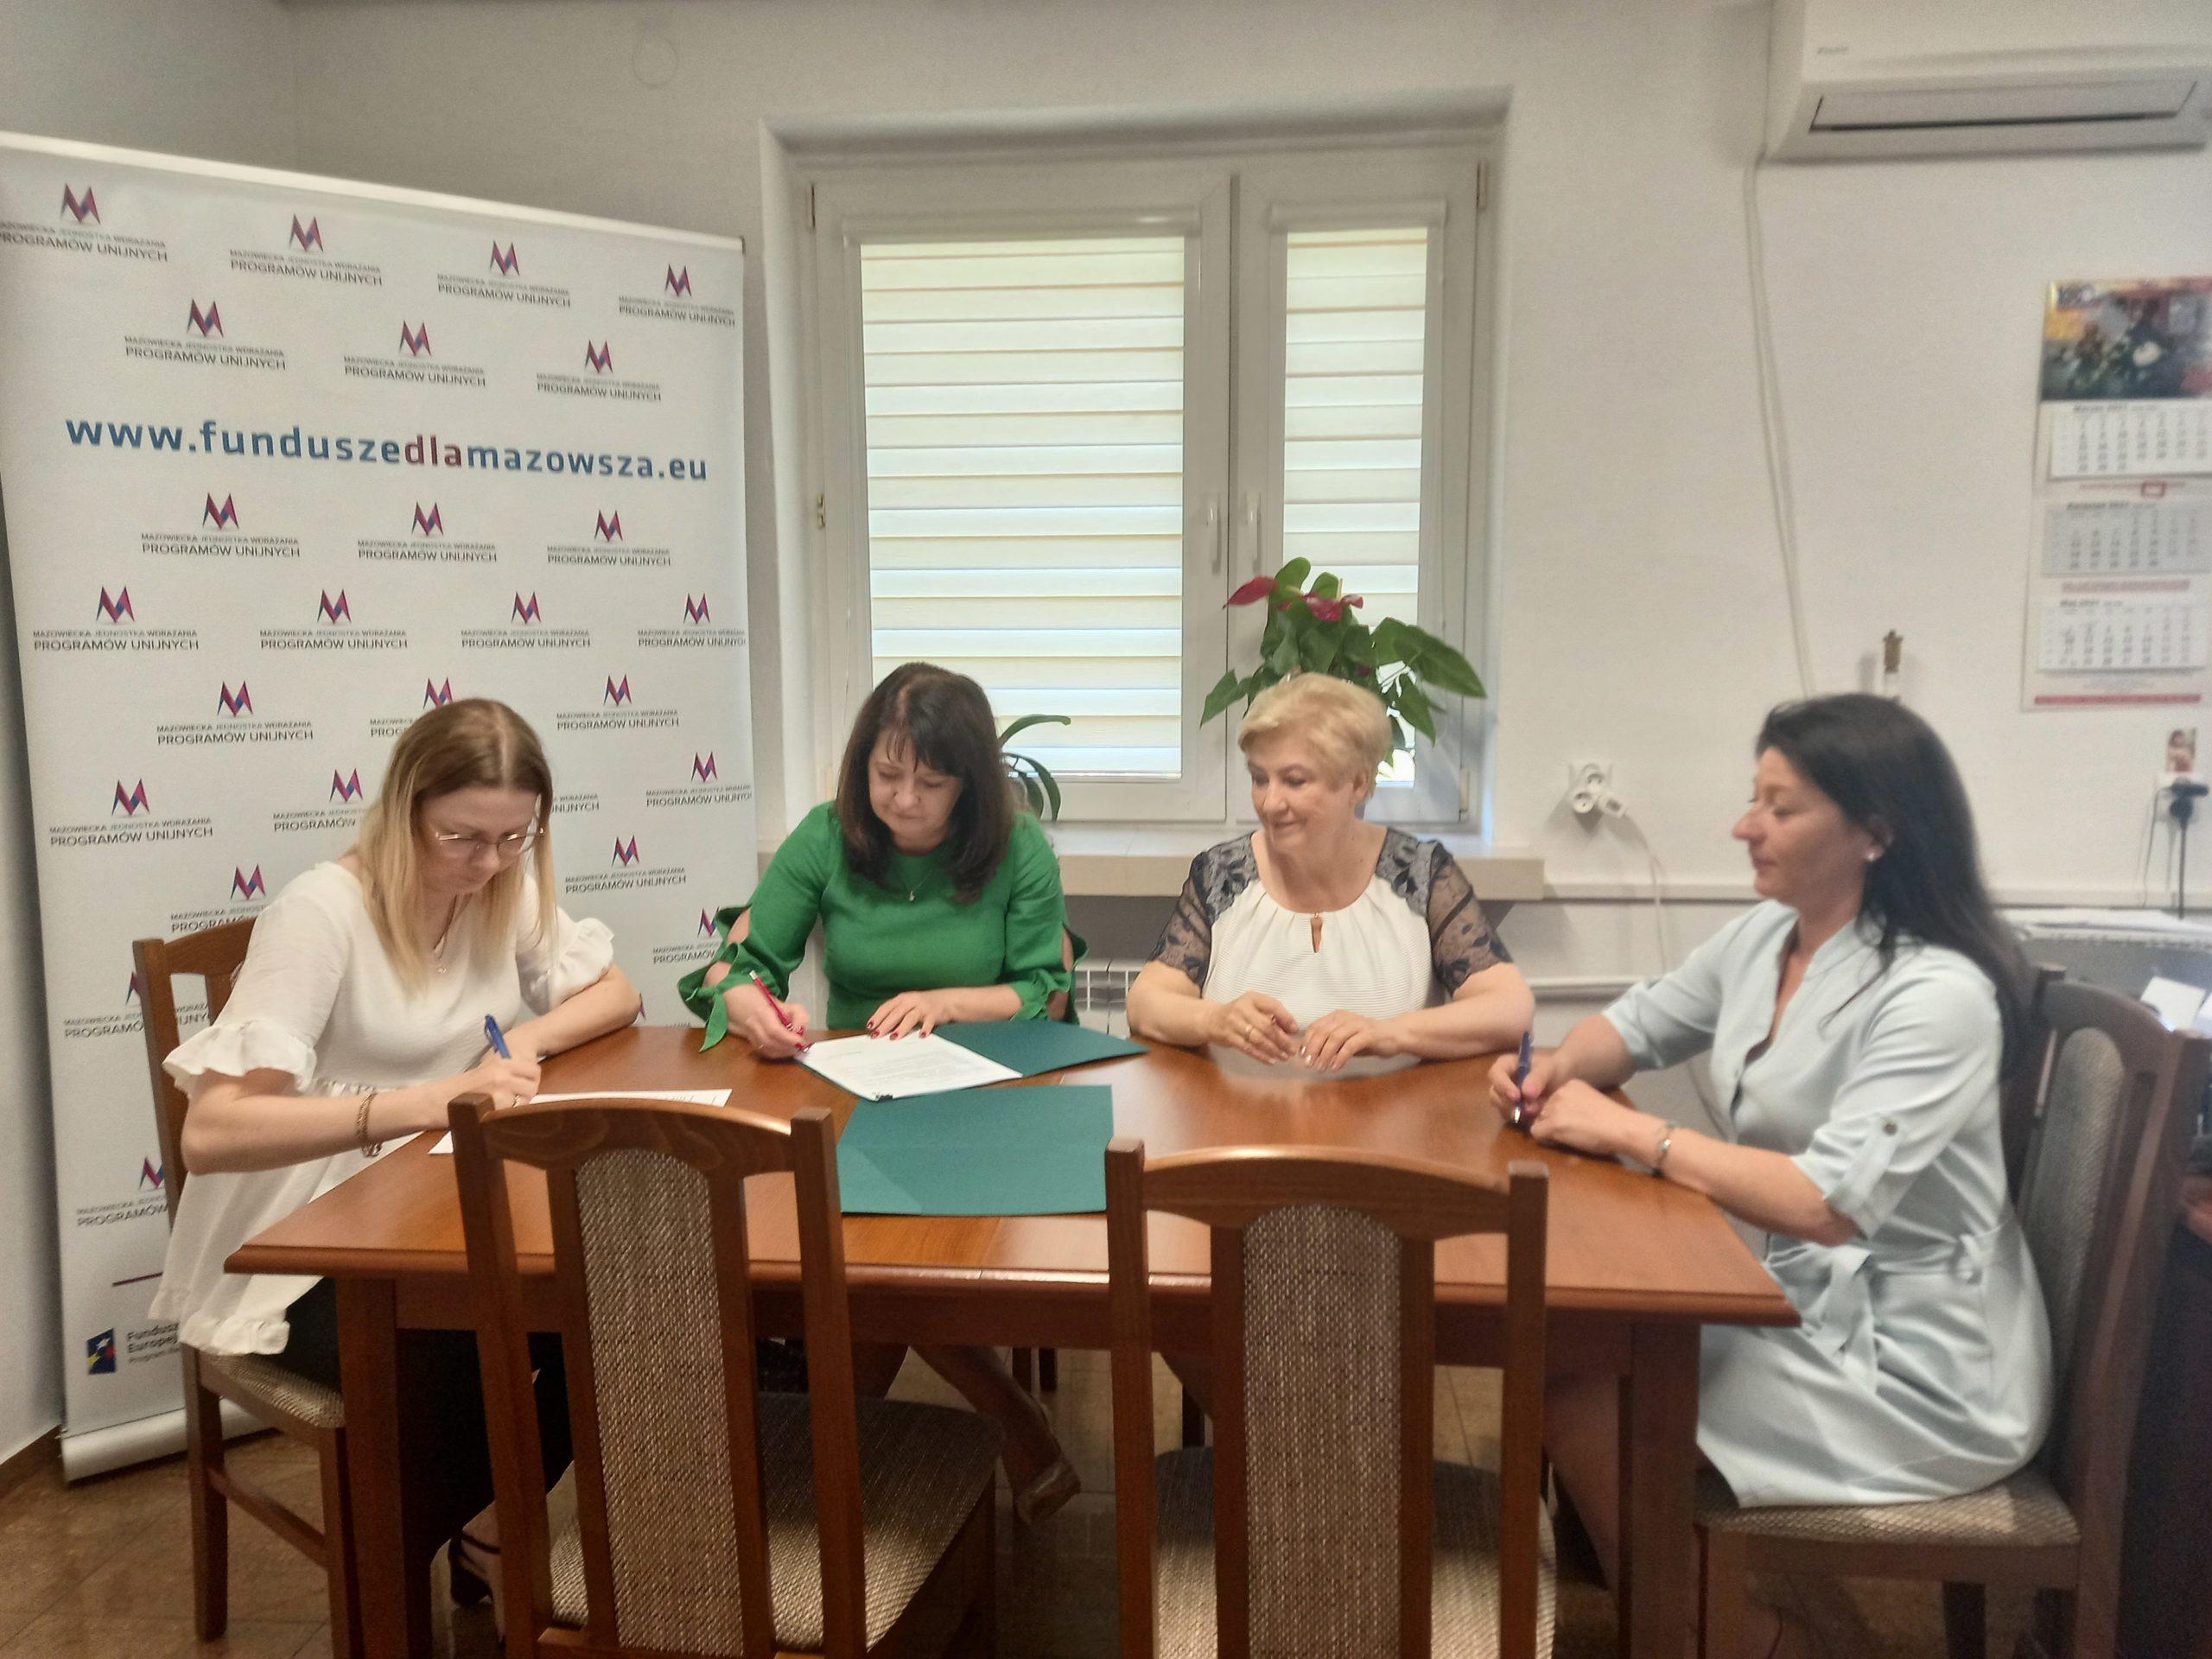 Podpisanie umowy na realizację projektu z zakresu termomodernizacji budynku Szkoły Podstawowej im. Ludwika Górskiego w Ceranowie